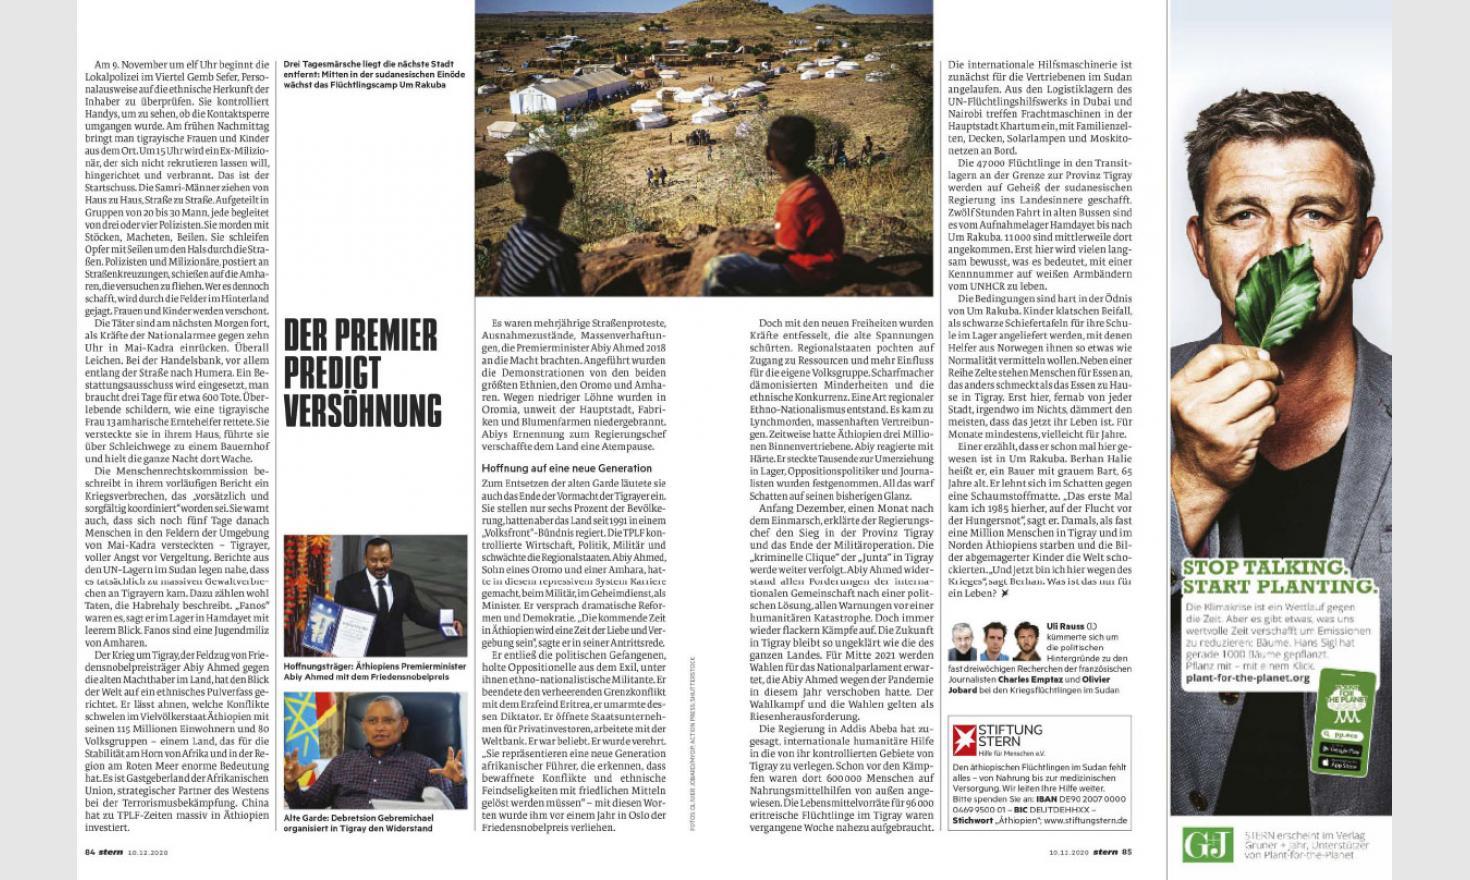 Stern. Sudan: guerre du Tigré, sur l'autre rive